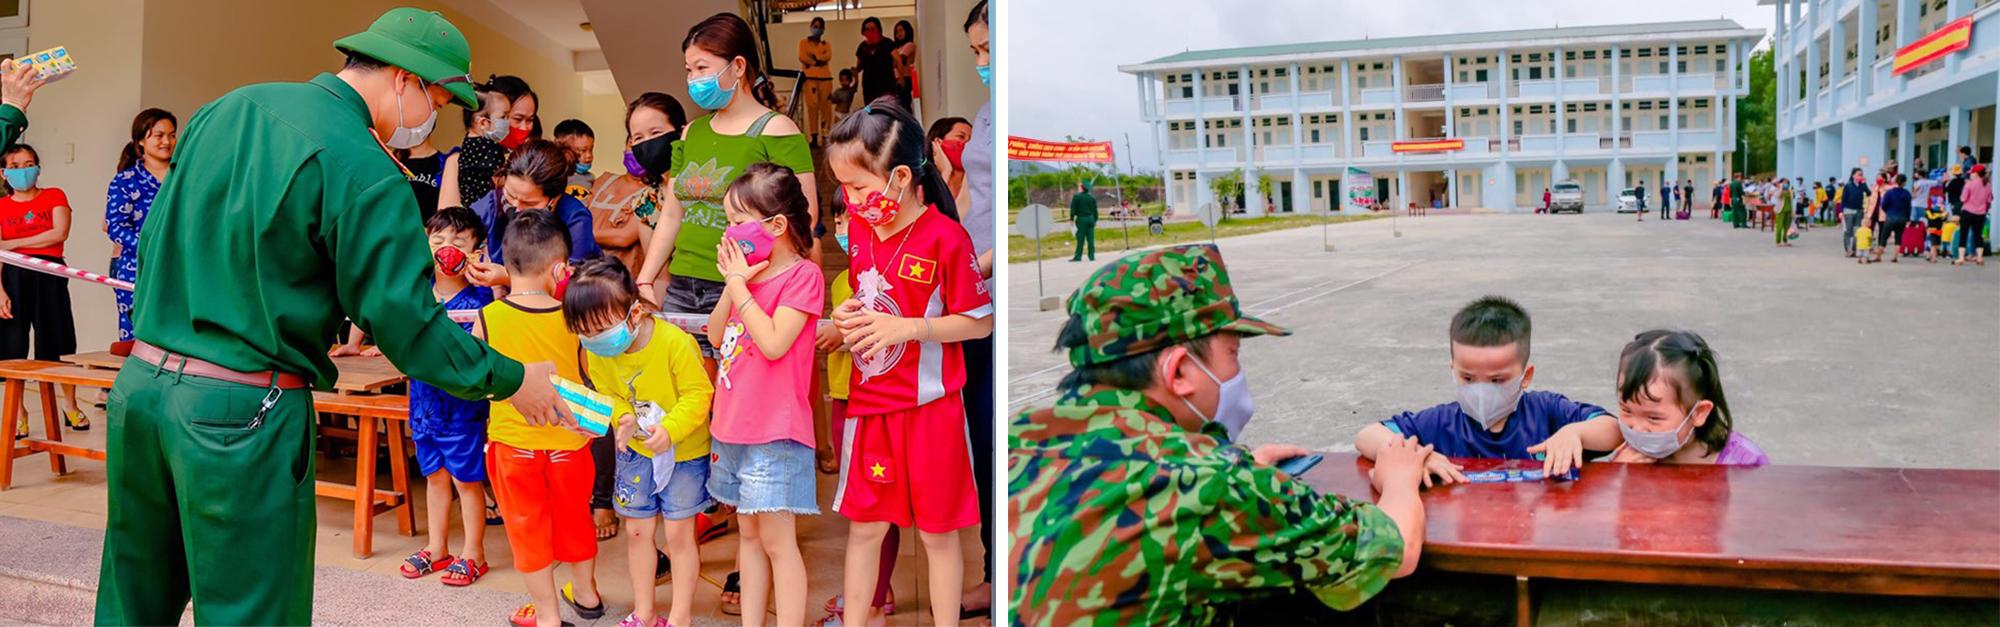 Những đứa trẻ nức nở khi lưu luyến chia tay bộ đội khu cách ly